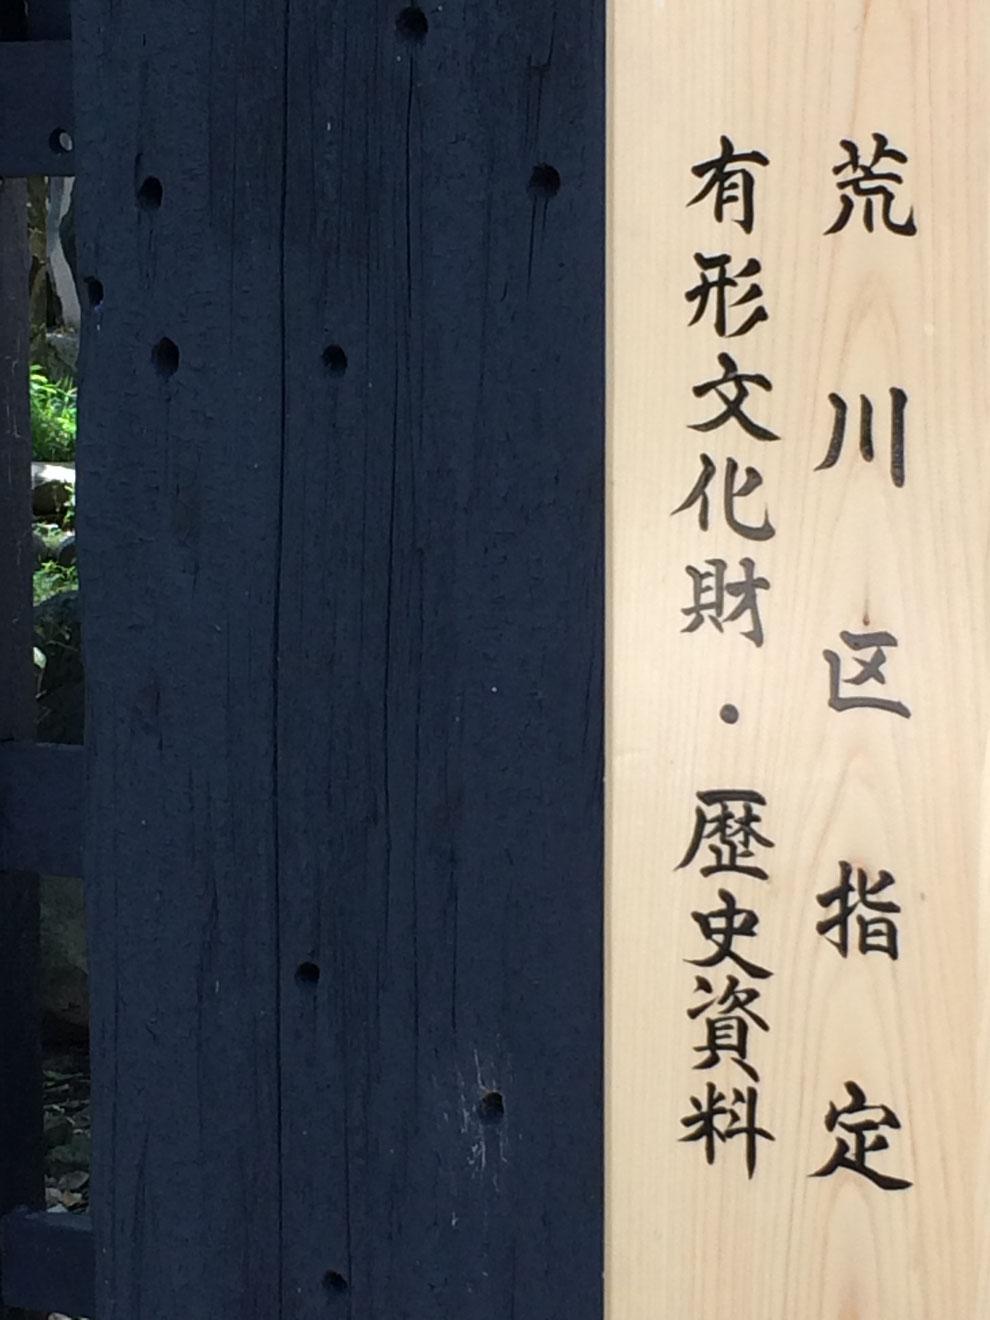 上野戦争の時の弾痕